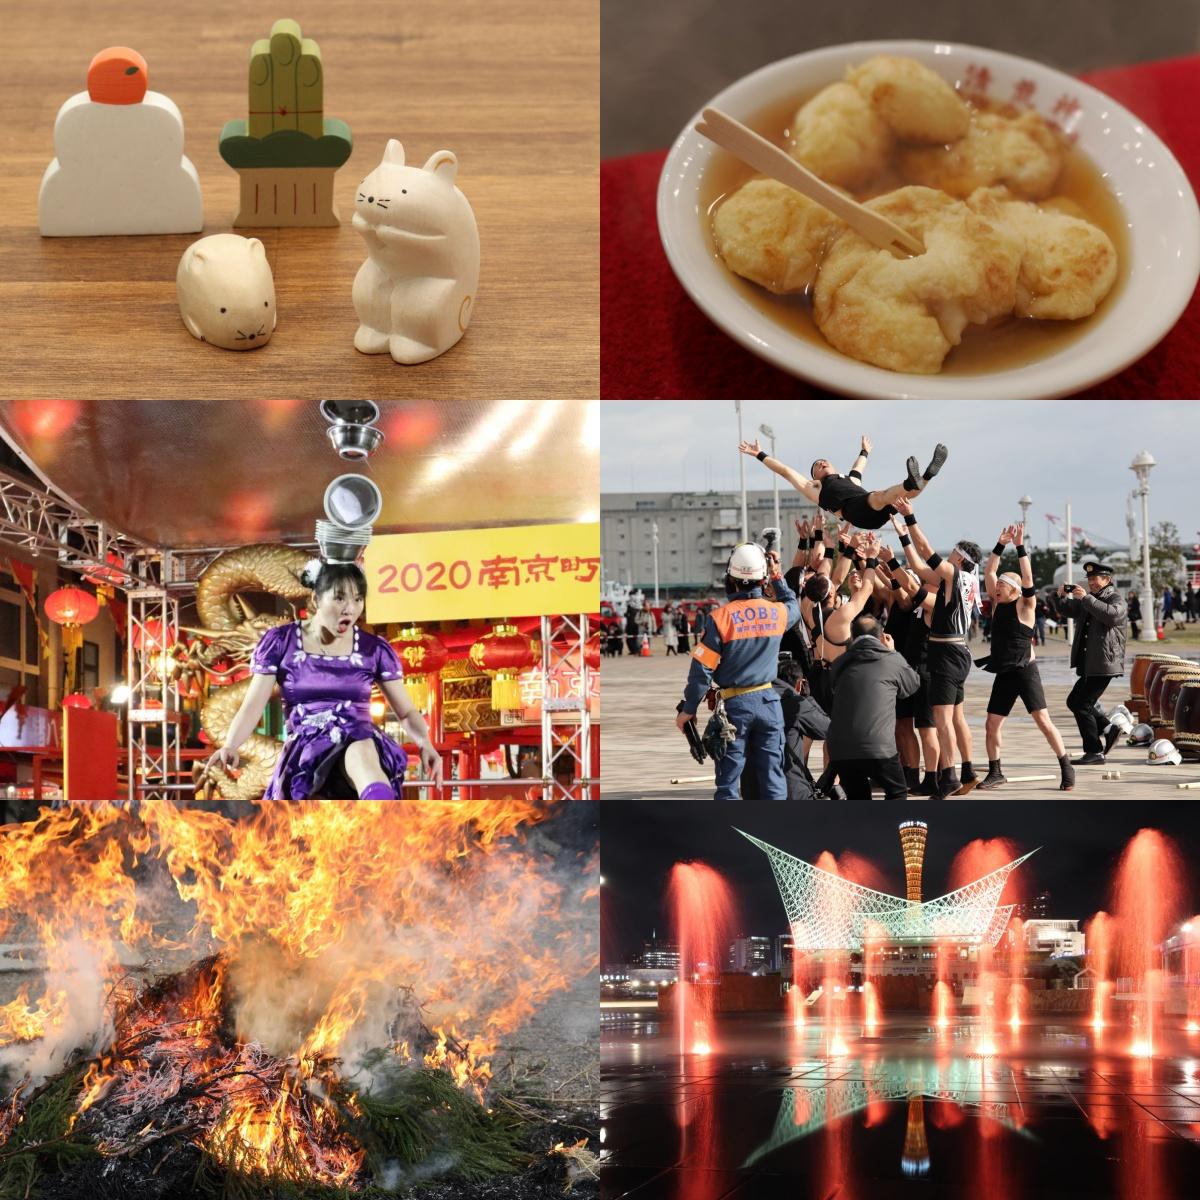 写真と動画で振り返る神戸2020年1月